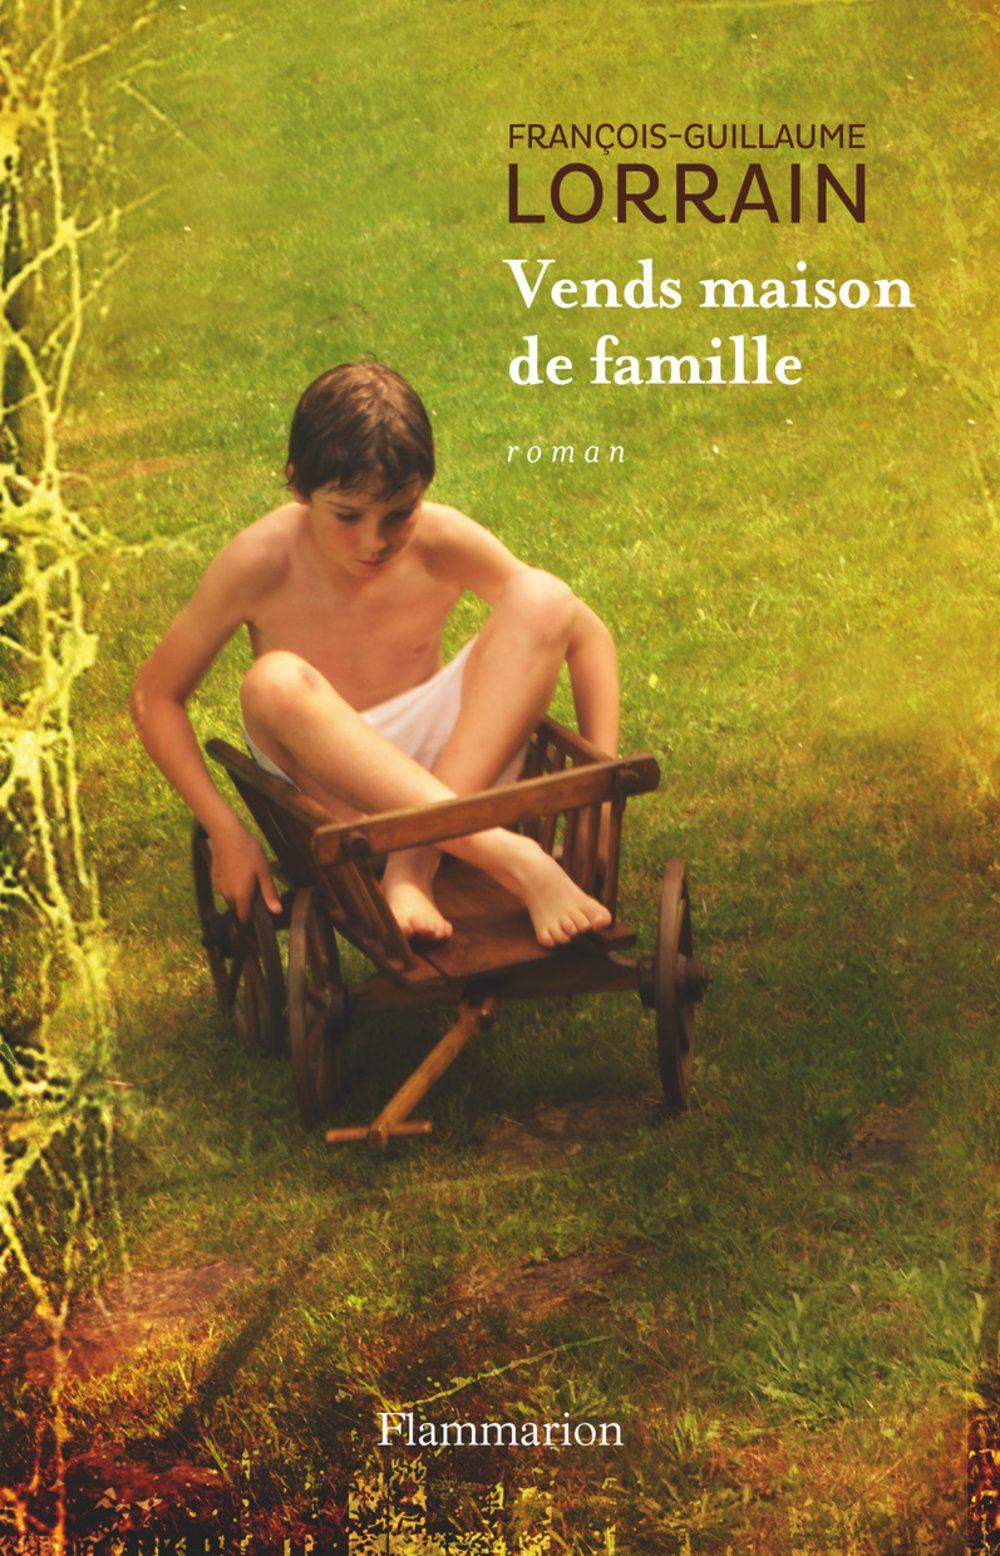 Vends maison de famille, roman de François-Guillaume Lorrain, Flammarion